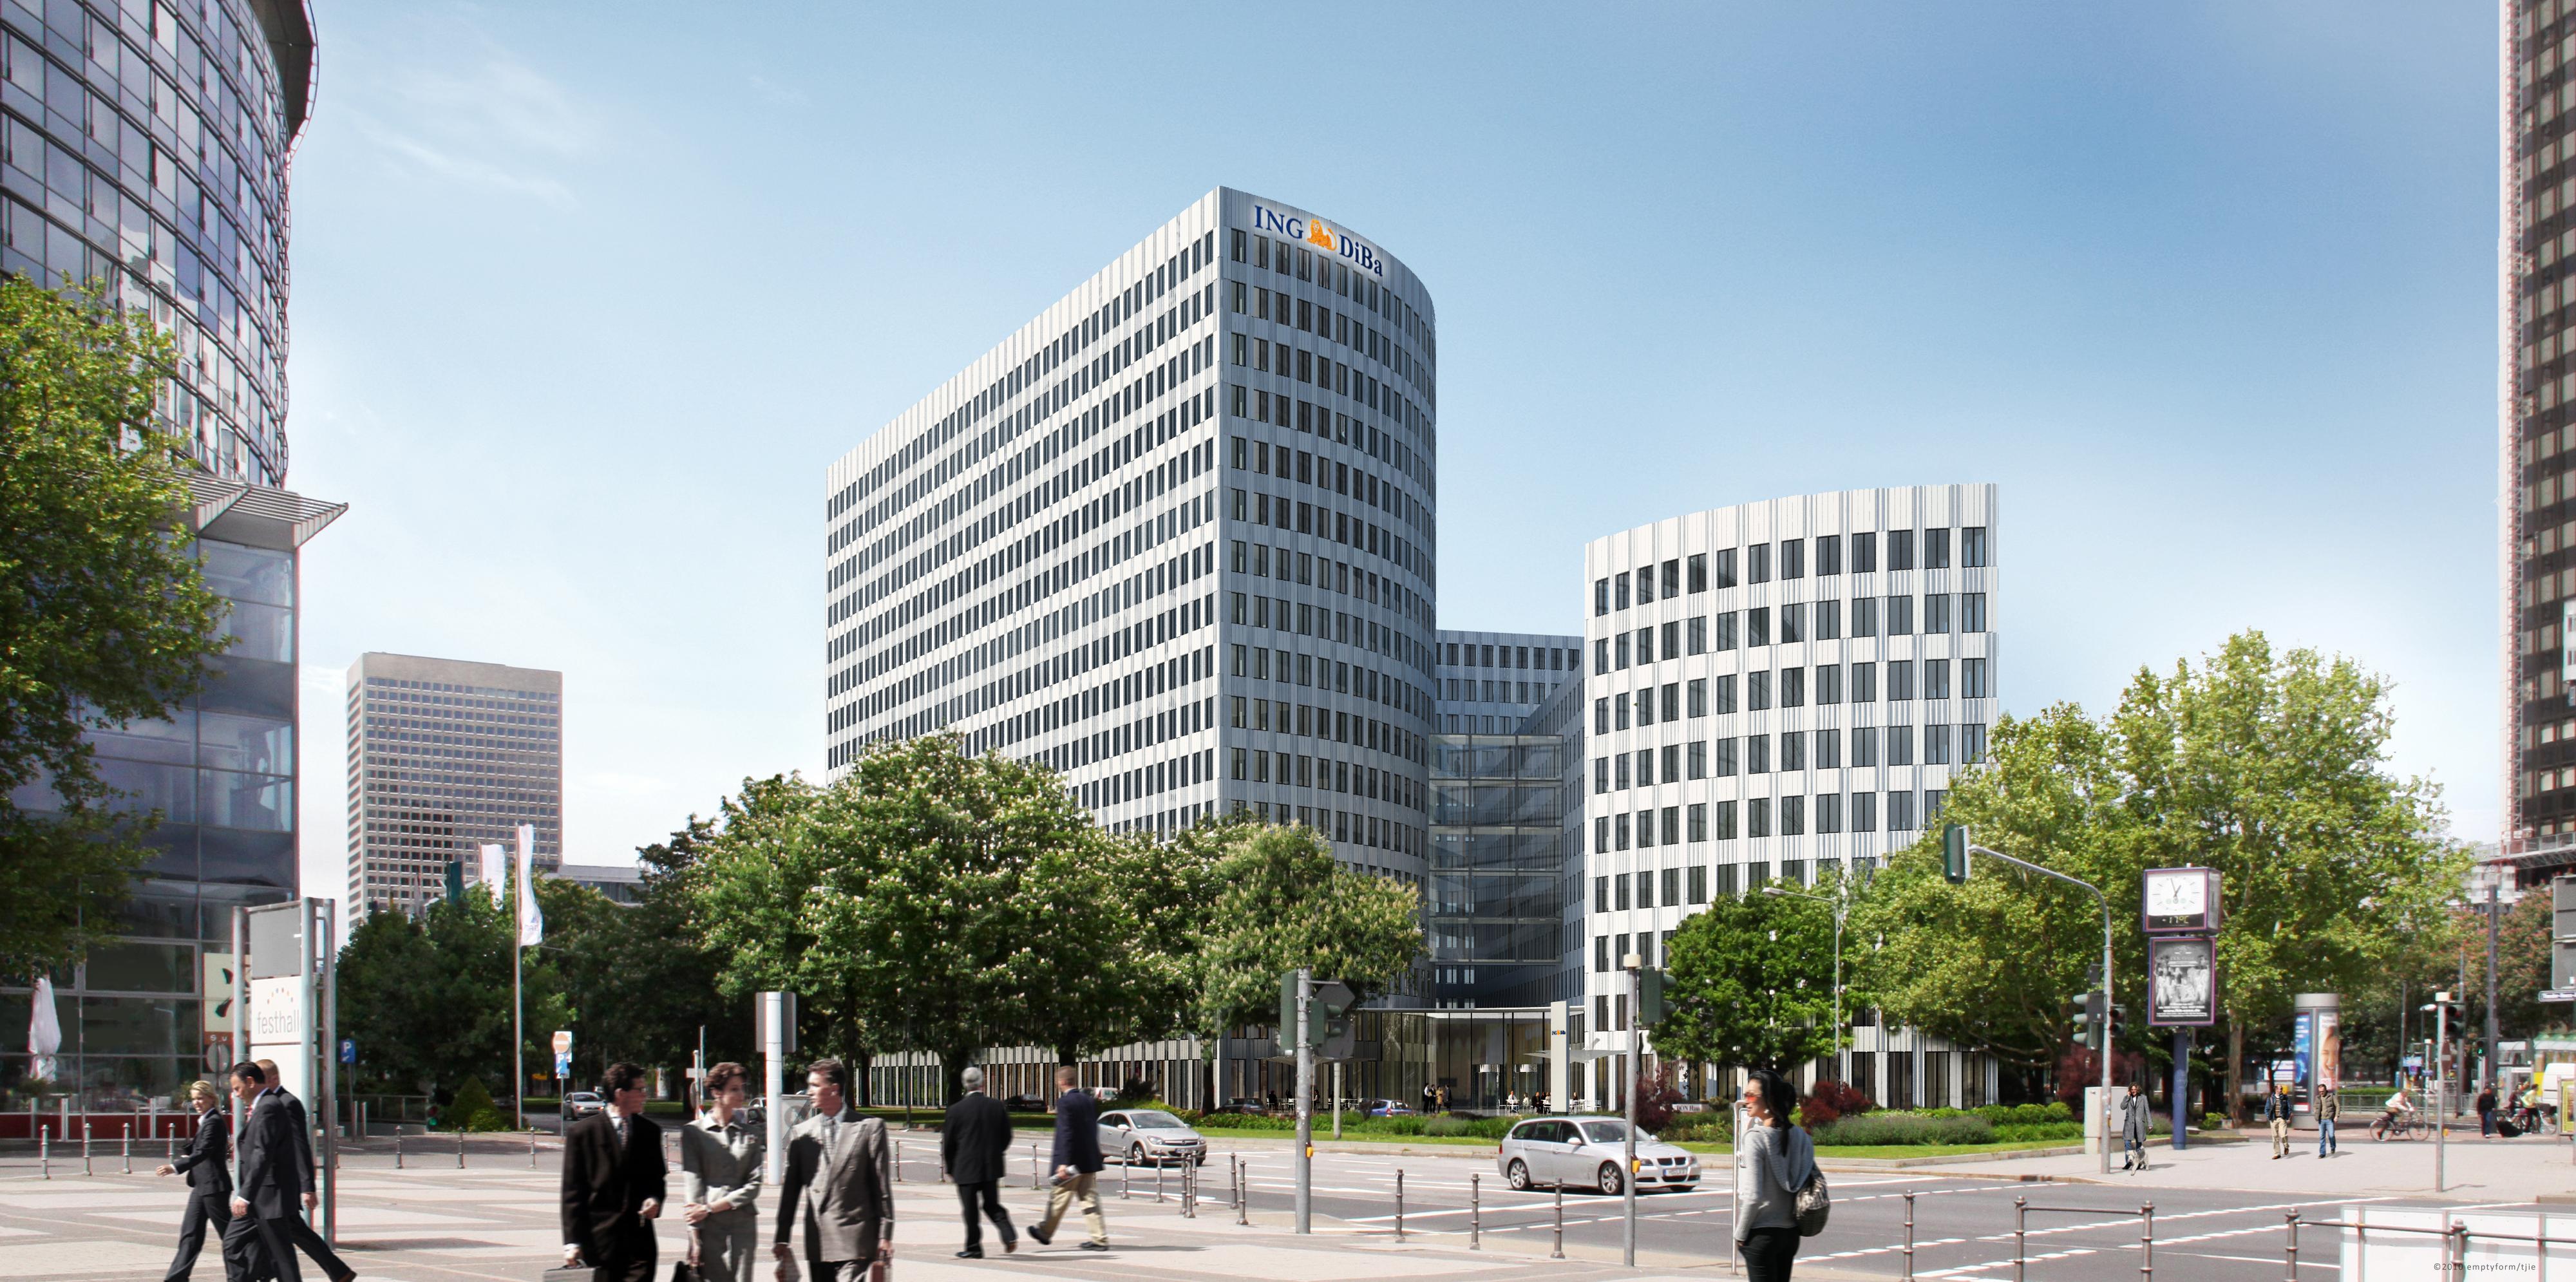 klares bekenntnis zum standort frankfurt ing diba bezieht im sommer 2013 neuen hauptsitz 1. Black Bedroom Furniture Sets. Home Design Ideas